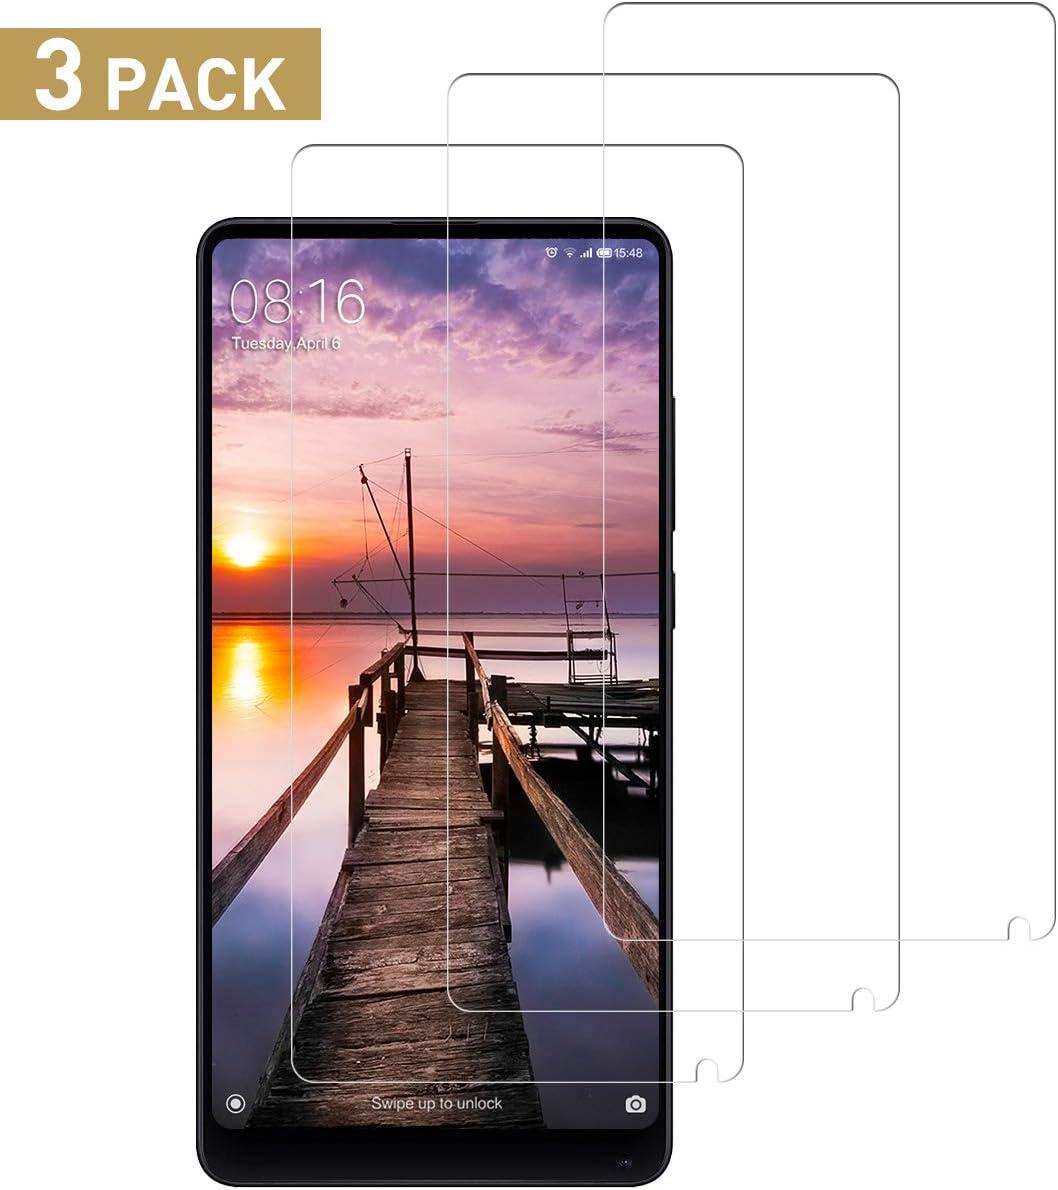 SNUNGPHIR Cristal Templado Compatible para Xiaomi Mi Mix 2, [3 Piezas] [Alta Definición] [9H Dureza] Vidrio Templado Protector de Pantalla para Xiaomi Mi Mix 2 [Sin Cobertura Toda Pantalla]